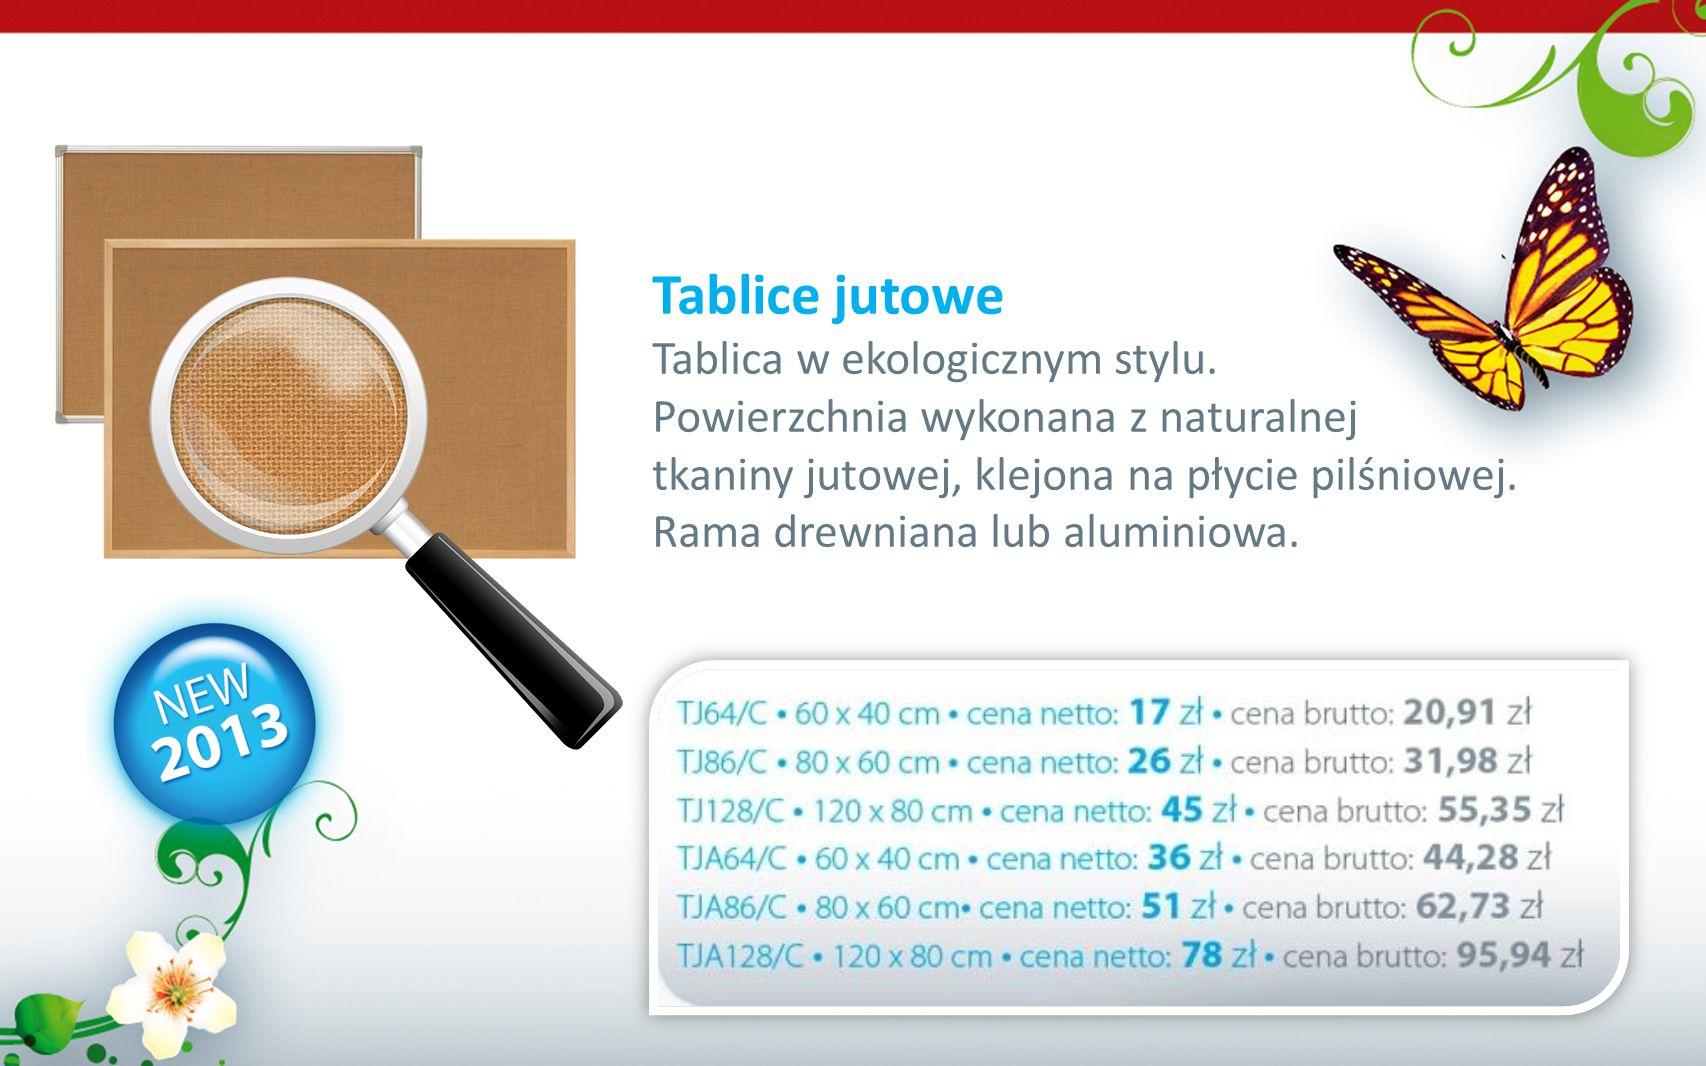 Tablice jutowe Tablica w ekologicznym stylu. Powierzchnia wykonana z naturalnej tkaniny jutowej, klejona na płycie pilśniowej. Rama drewniana lub alum